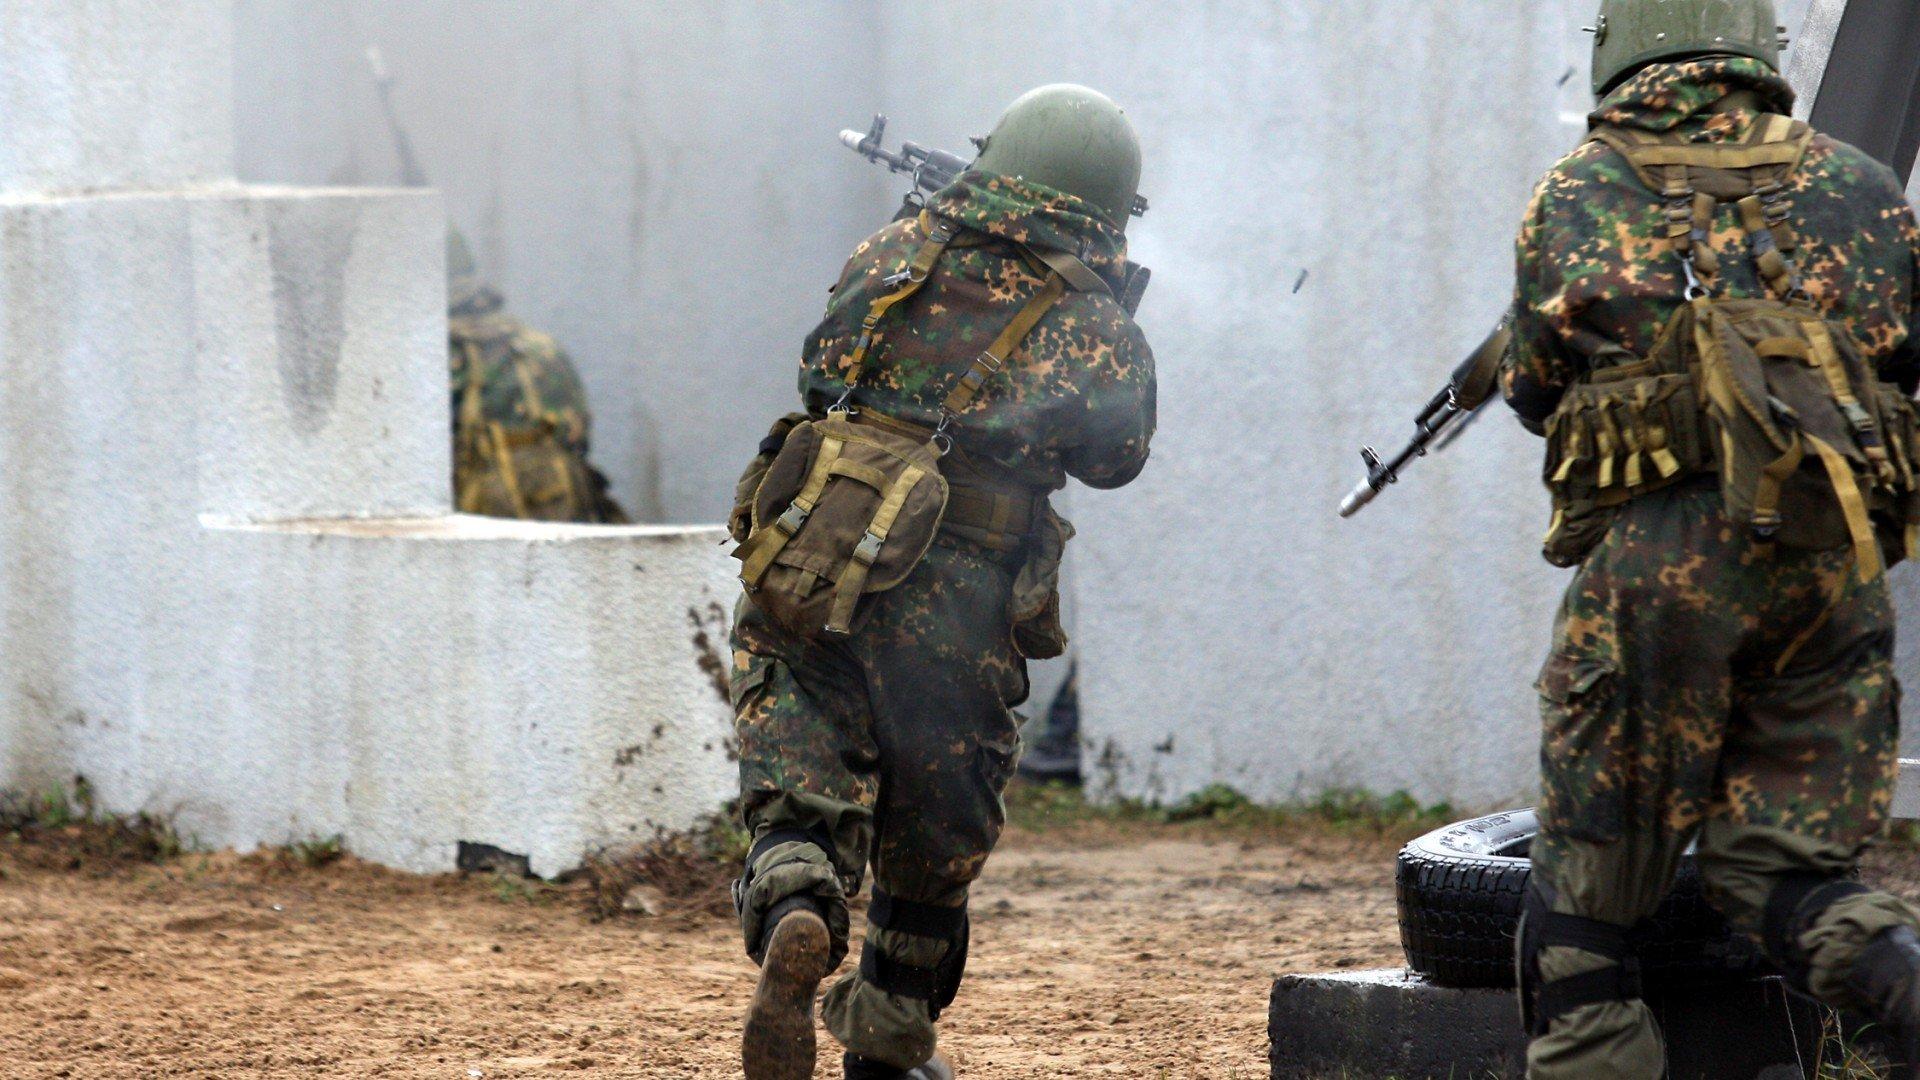 Russian military wallpapers wallpapersafari - Military wallpaper army ...